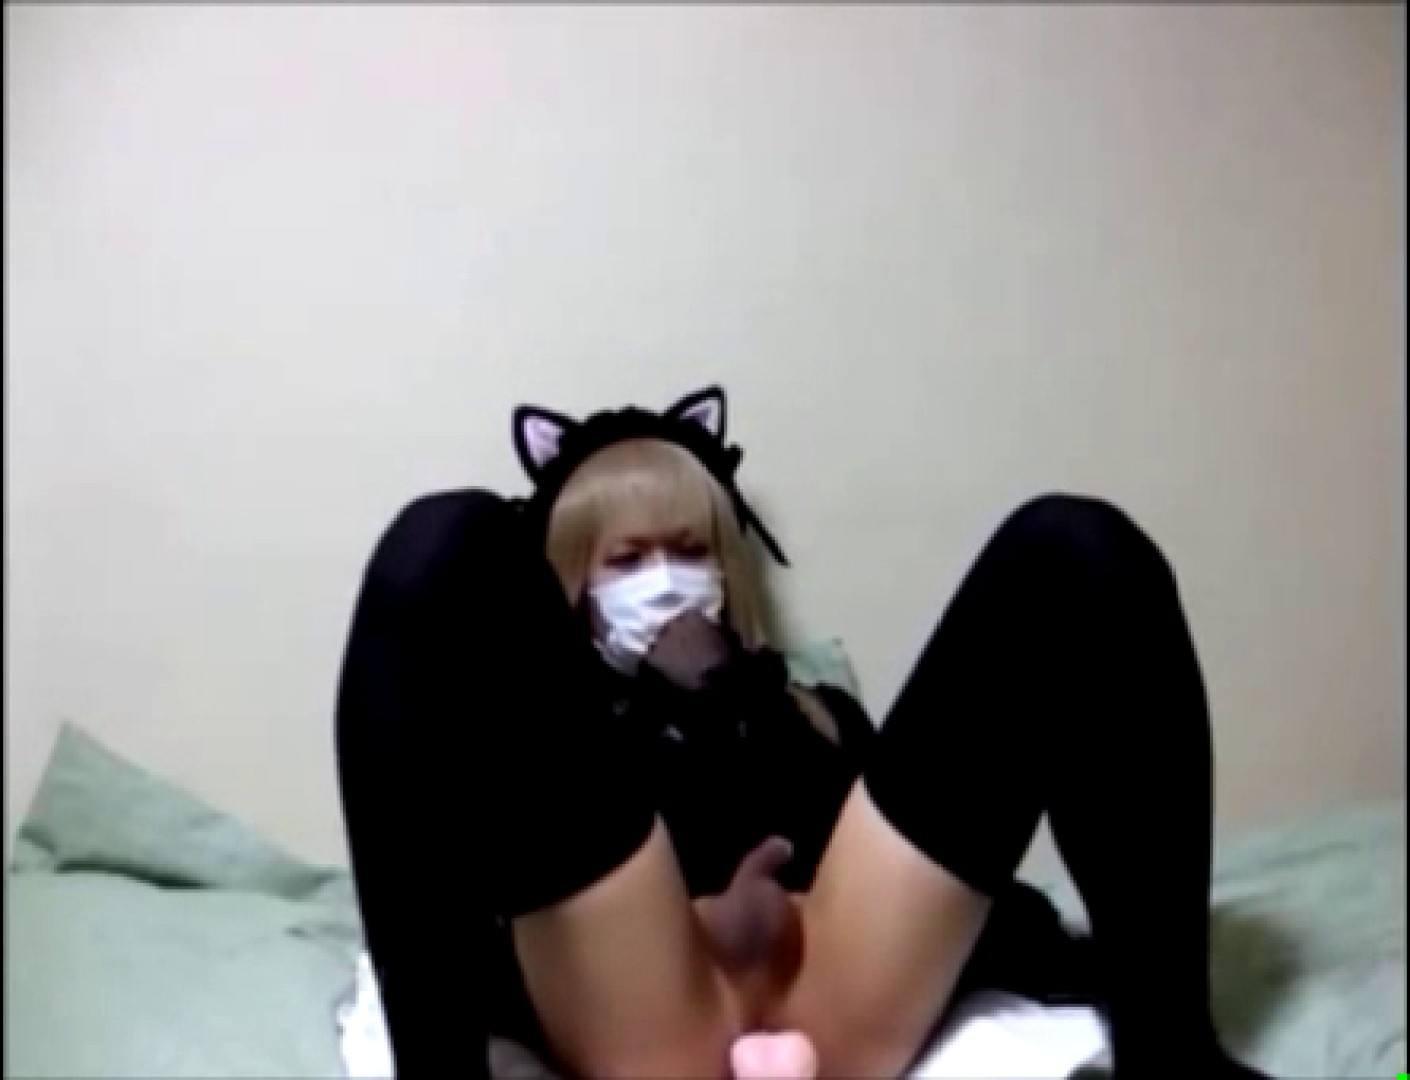 男のKOスプレー!Vol.12 手コキ ゲイモロ画像 105pic 65